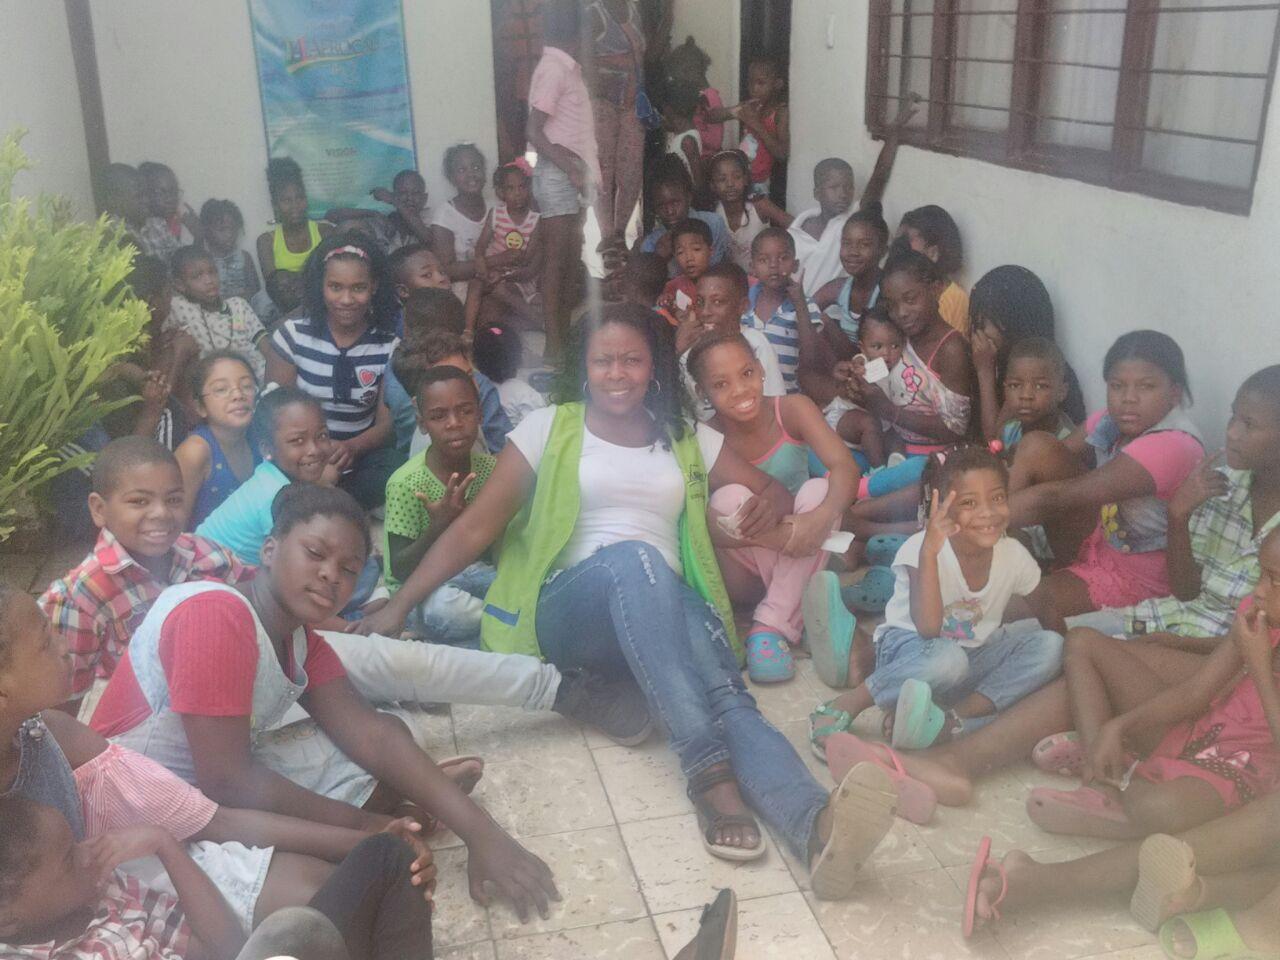 En Entregan Navideños Niños Puerto De A Recursos Regalos Escasos YbIfgv76y